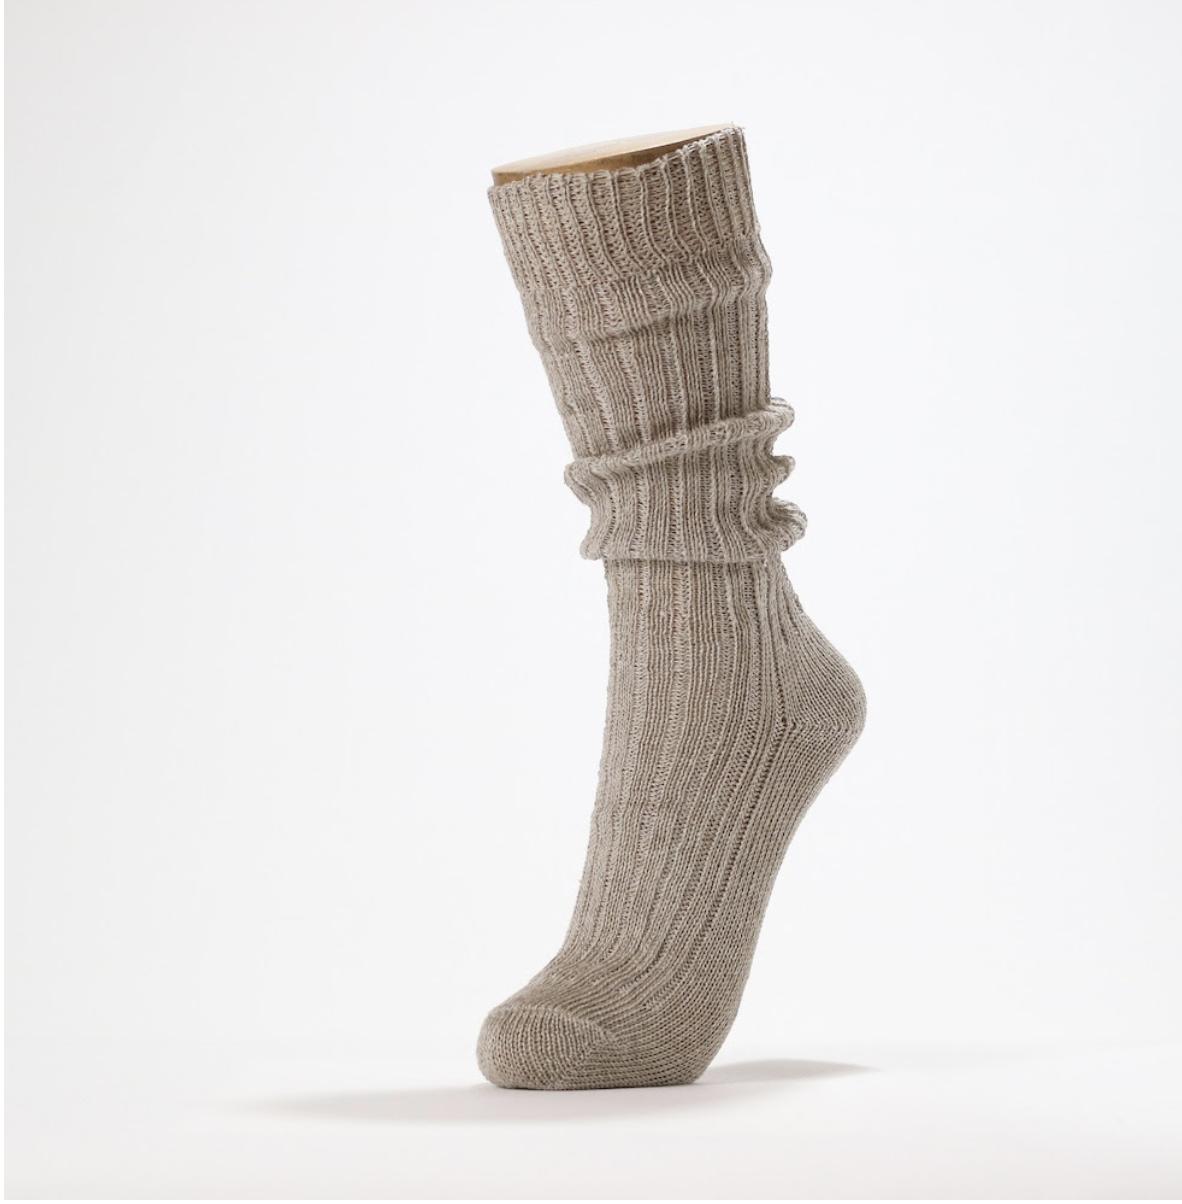 靴下の臭い対策に、天然素材の「清涼」な靴下はいかがですか?